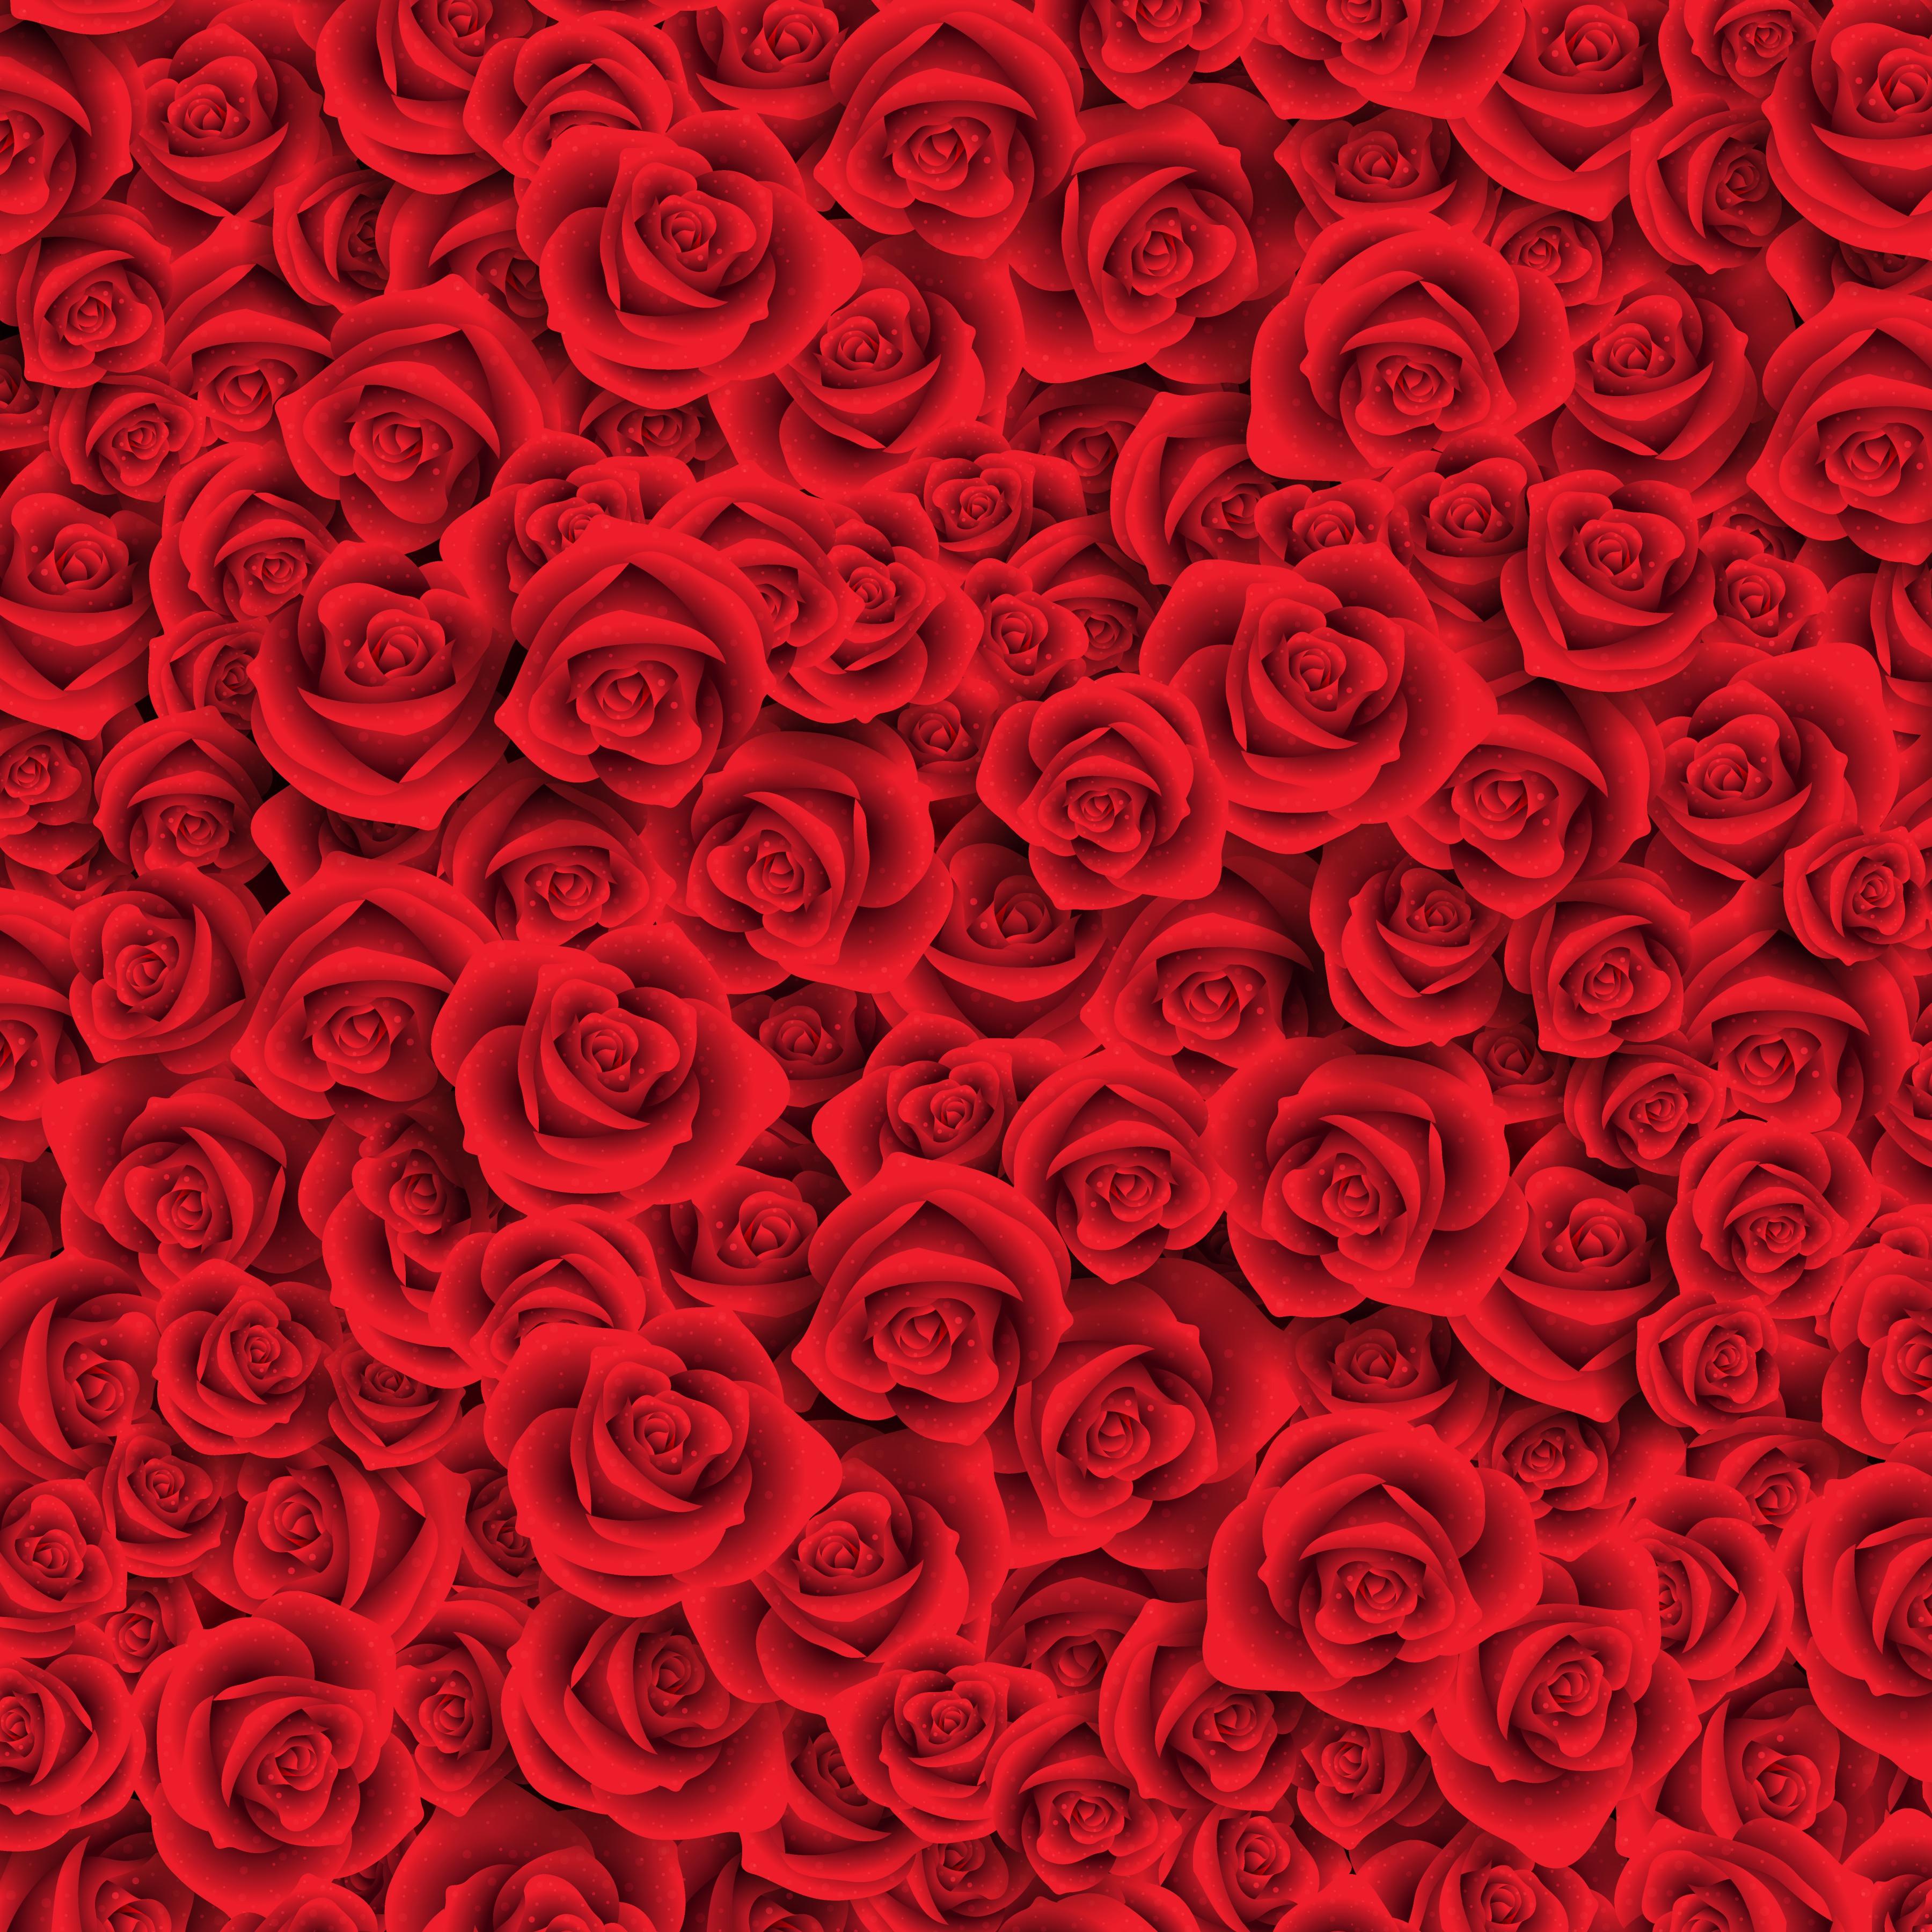 Сорт розовый царь томатов фото